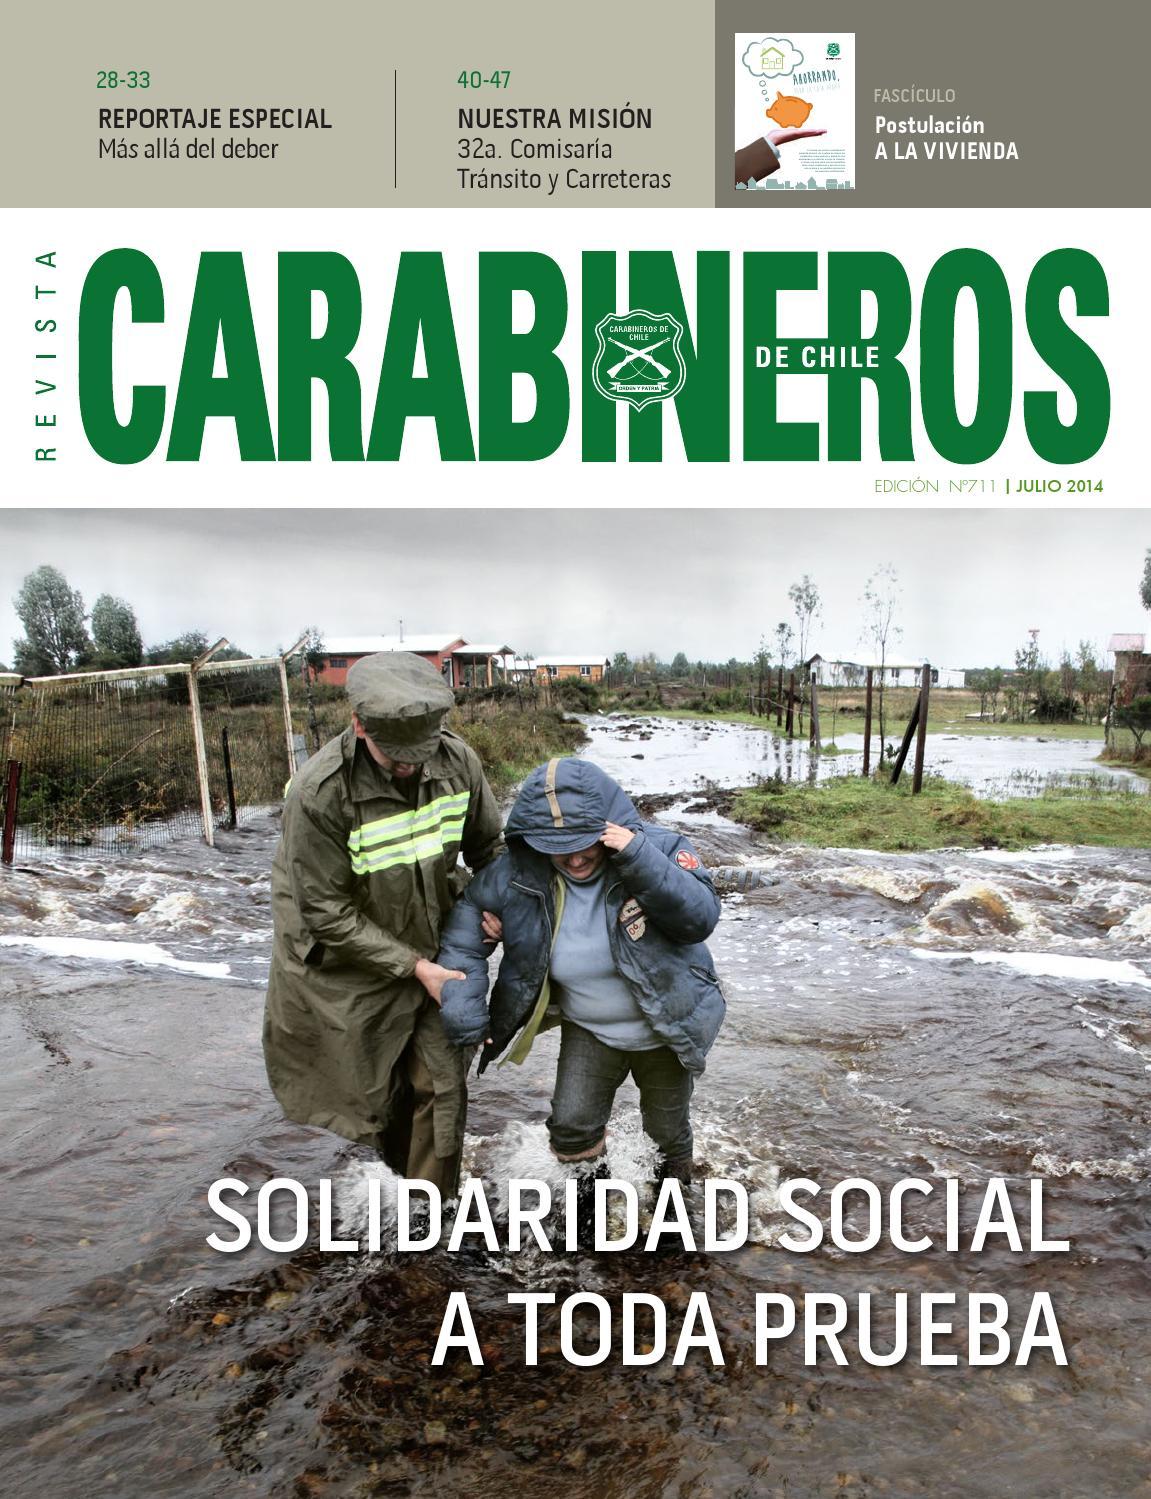 Edic 711 julio 2014 by carabineros de chile carabineros de for Donde queda el ministerio de interior y justicia